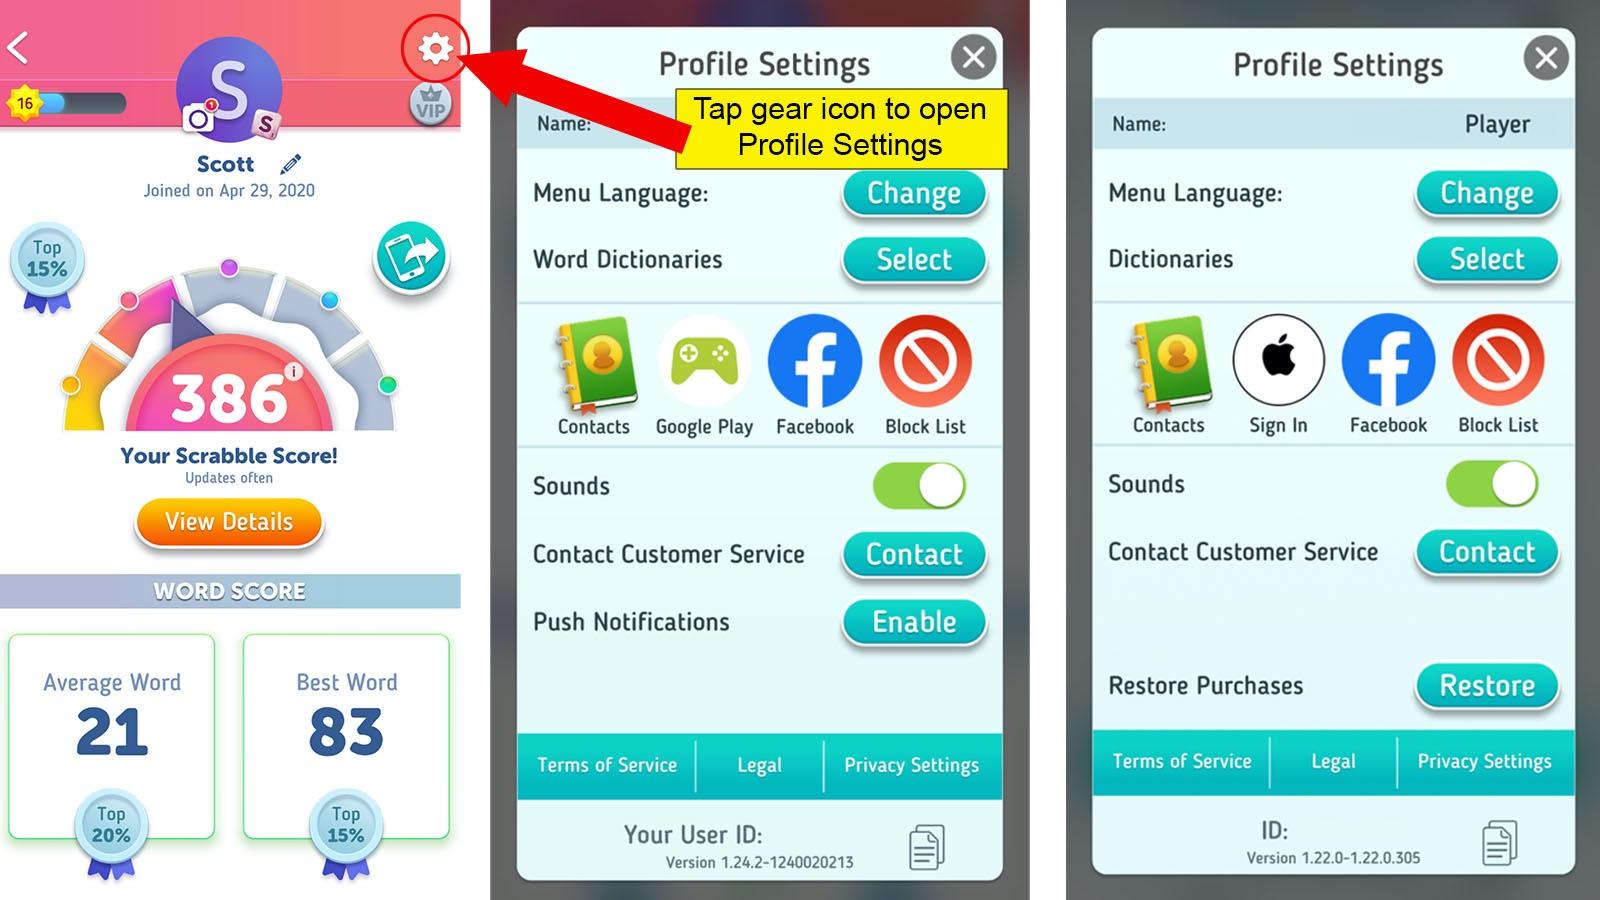 delete Scrabble Go profile settings